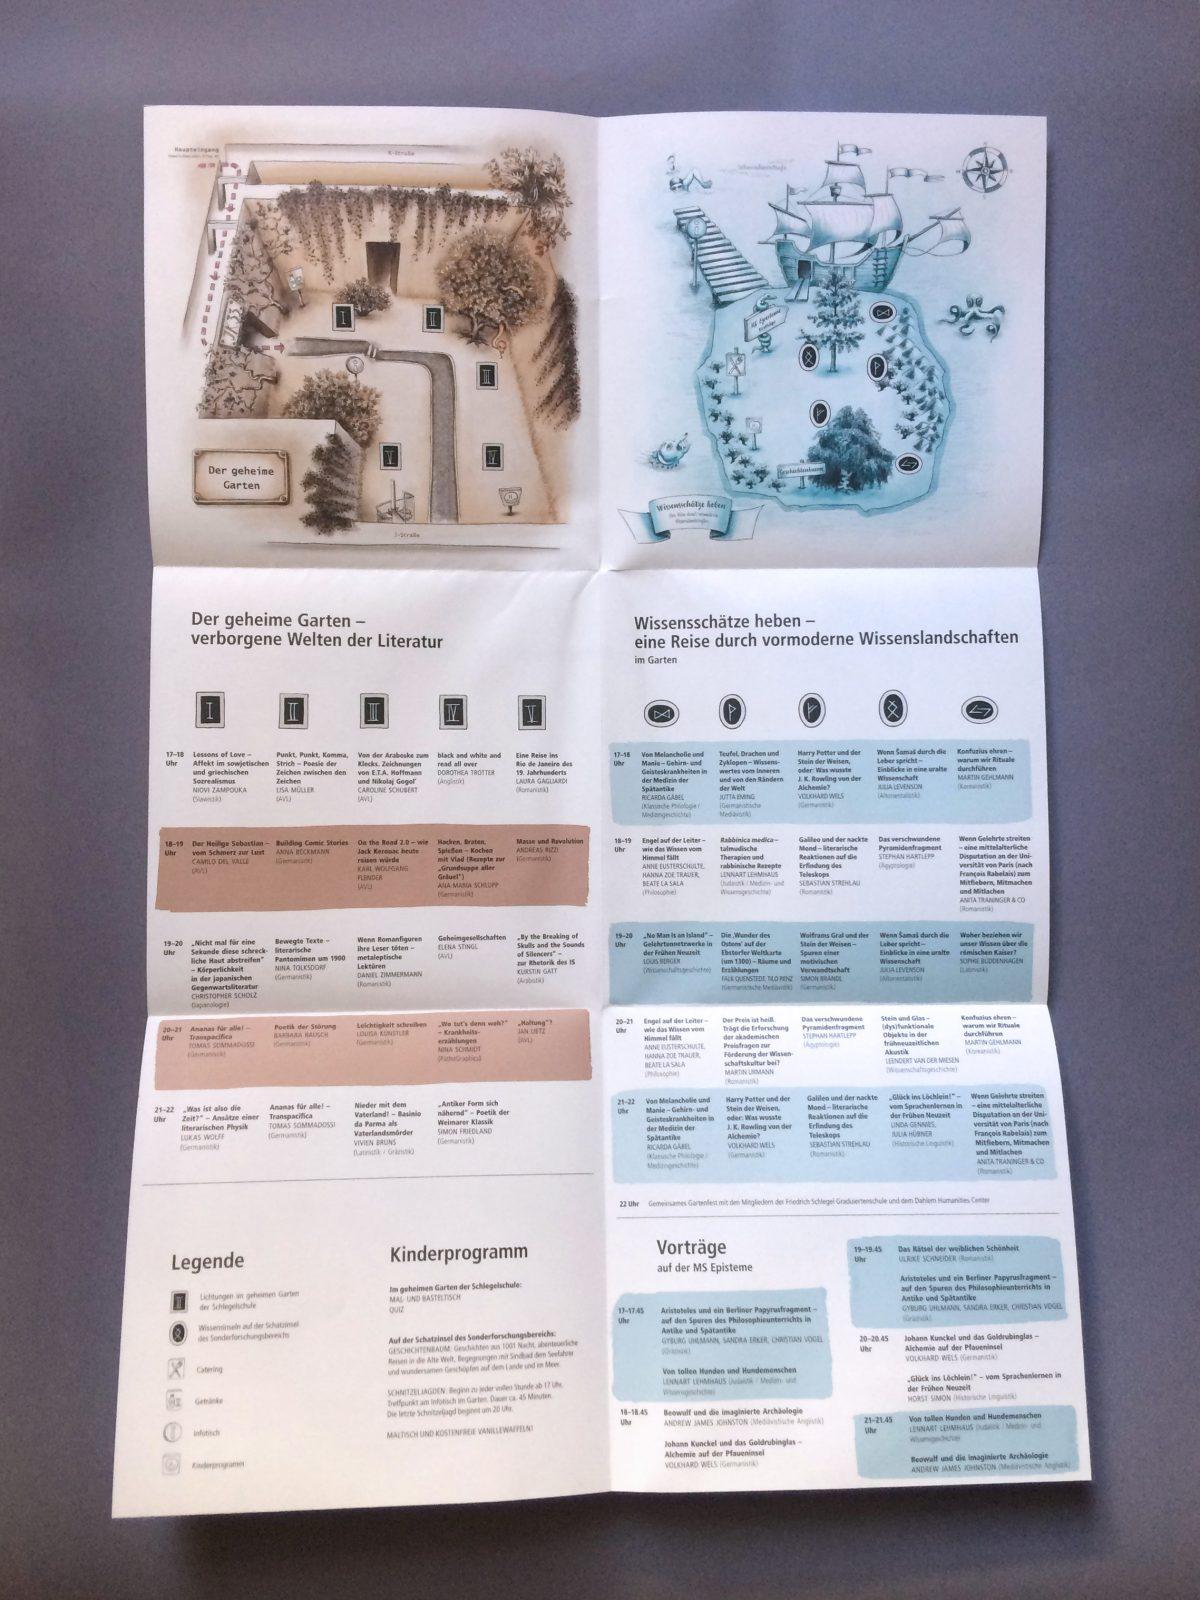 """Aufgefaltetes Programm mit Karten und Übersicht der Veranstaltungen bei der Langen Nacht der Wissenschaften 2018 des SFB 980 """"Episteme in Bewegung"""""""